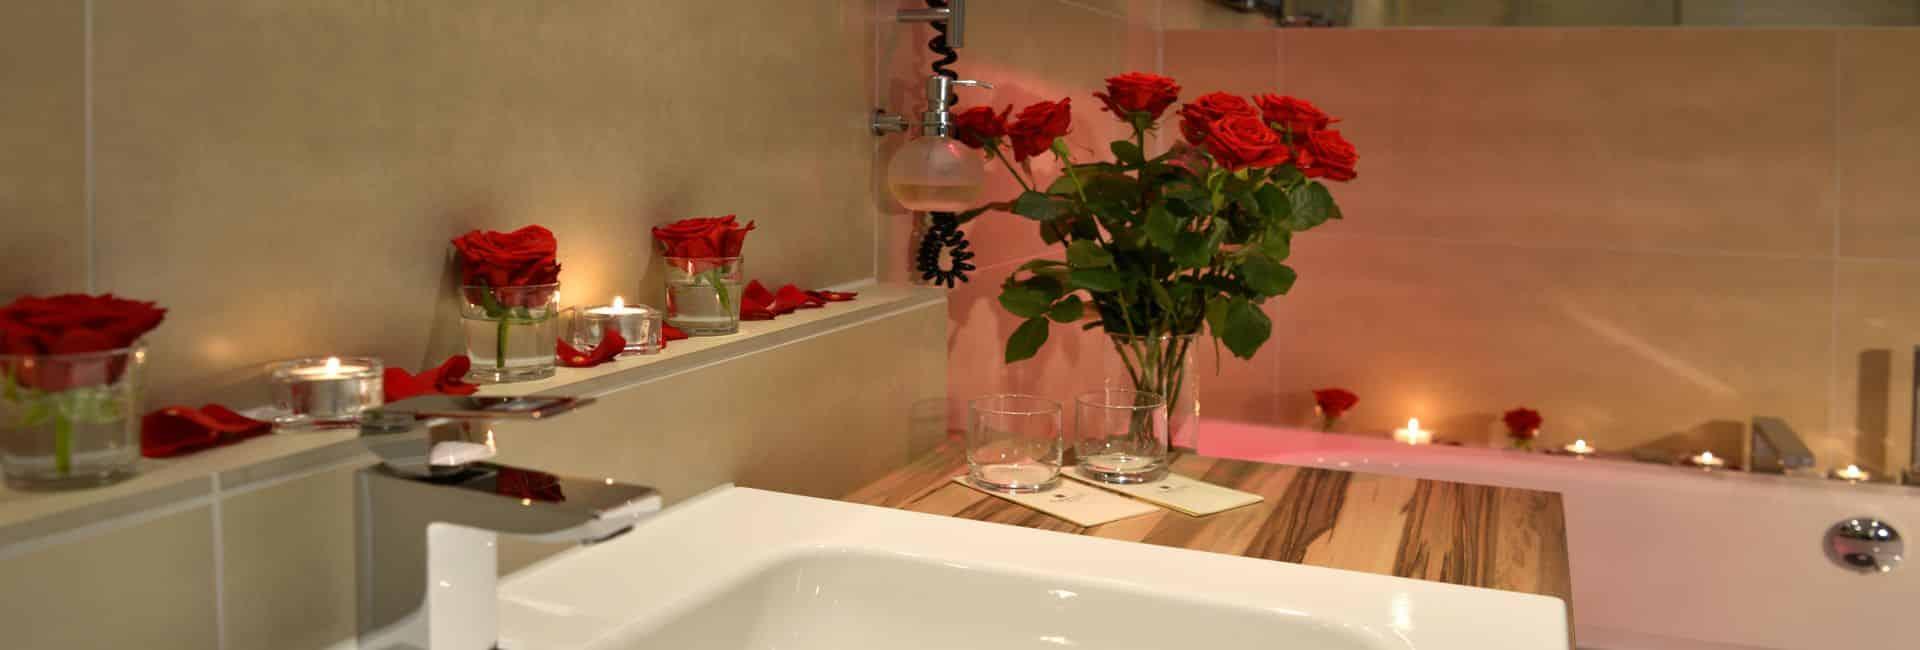 Romantisch dekoriertes Badezimmer Juniorsuite